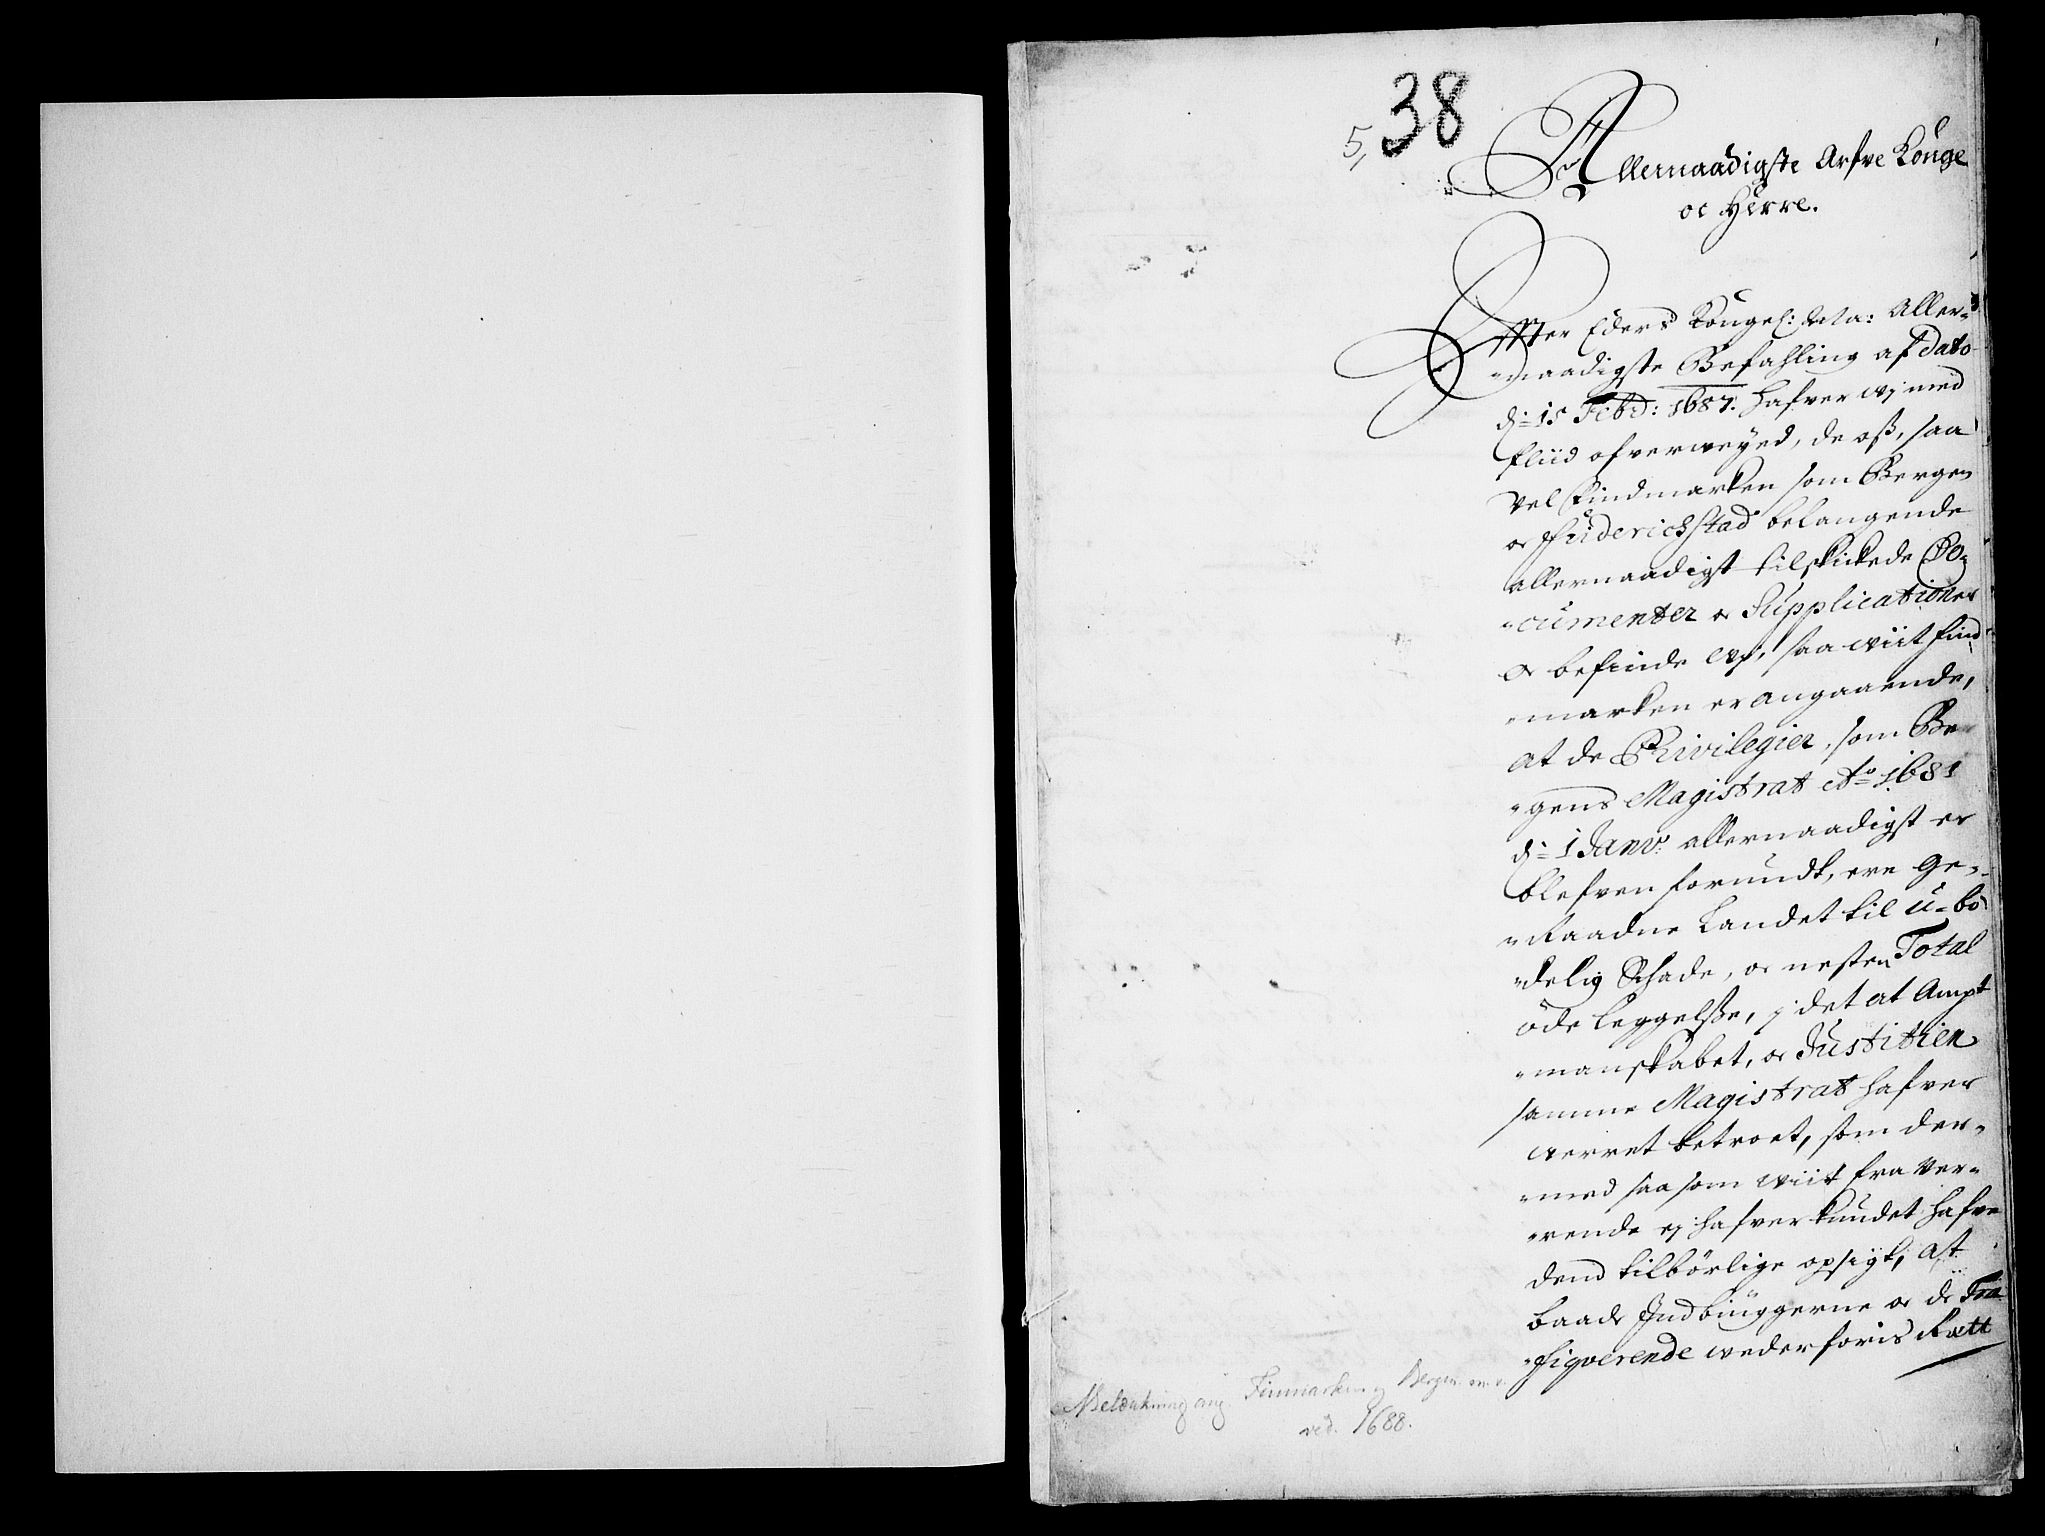 RA, Danske Kanselli, Skapsaker, G/L0019: Tillegg til skapsakene, 1616-1753, s. 35